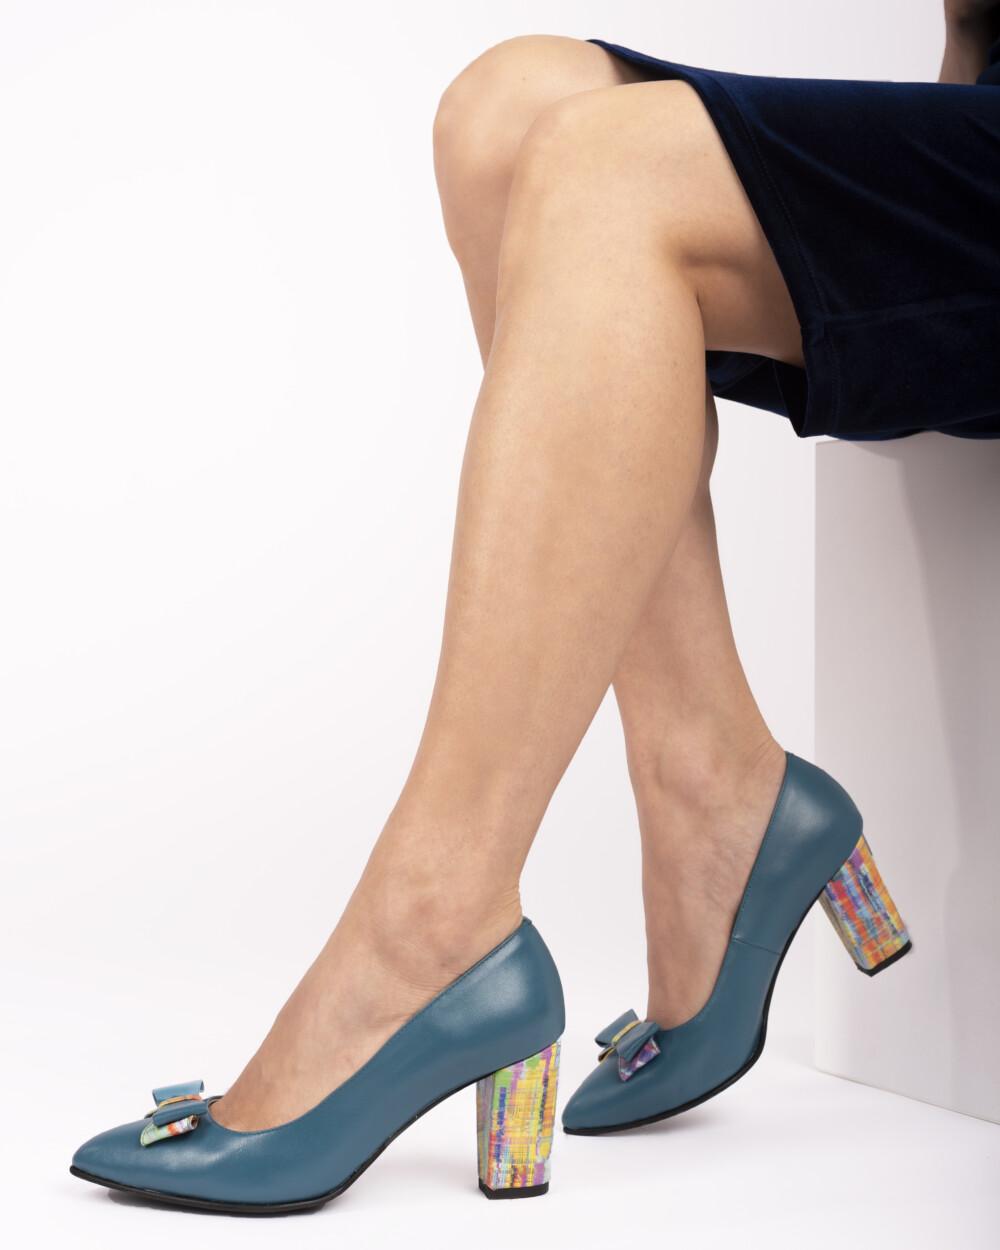 spantofi albastri din piele naturala vreaupantofi.com